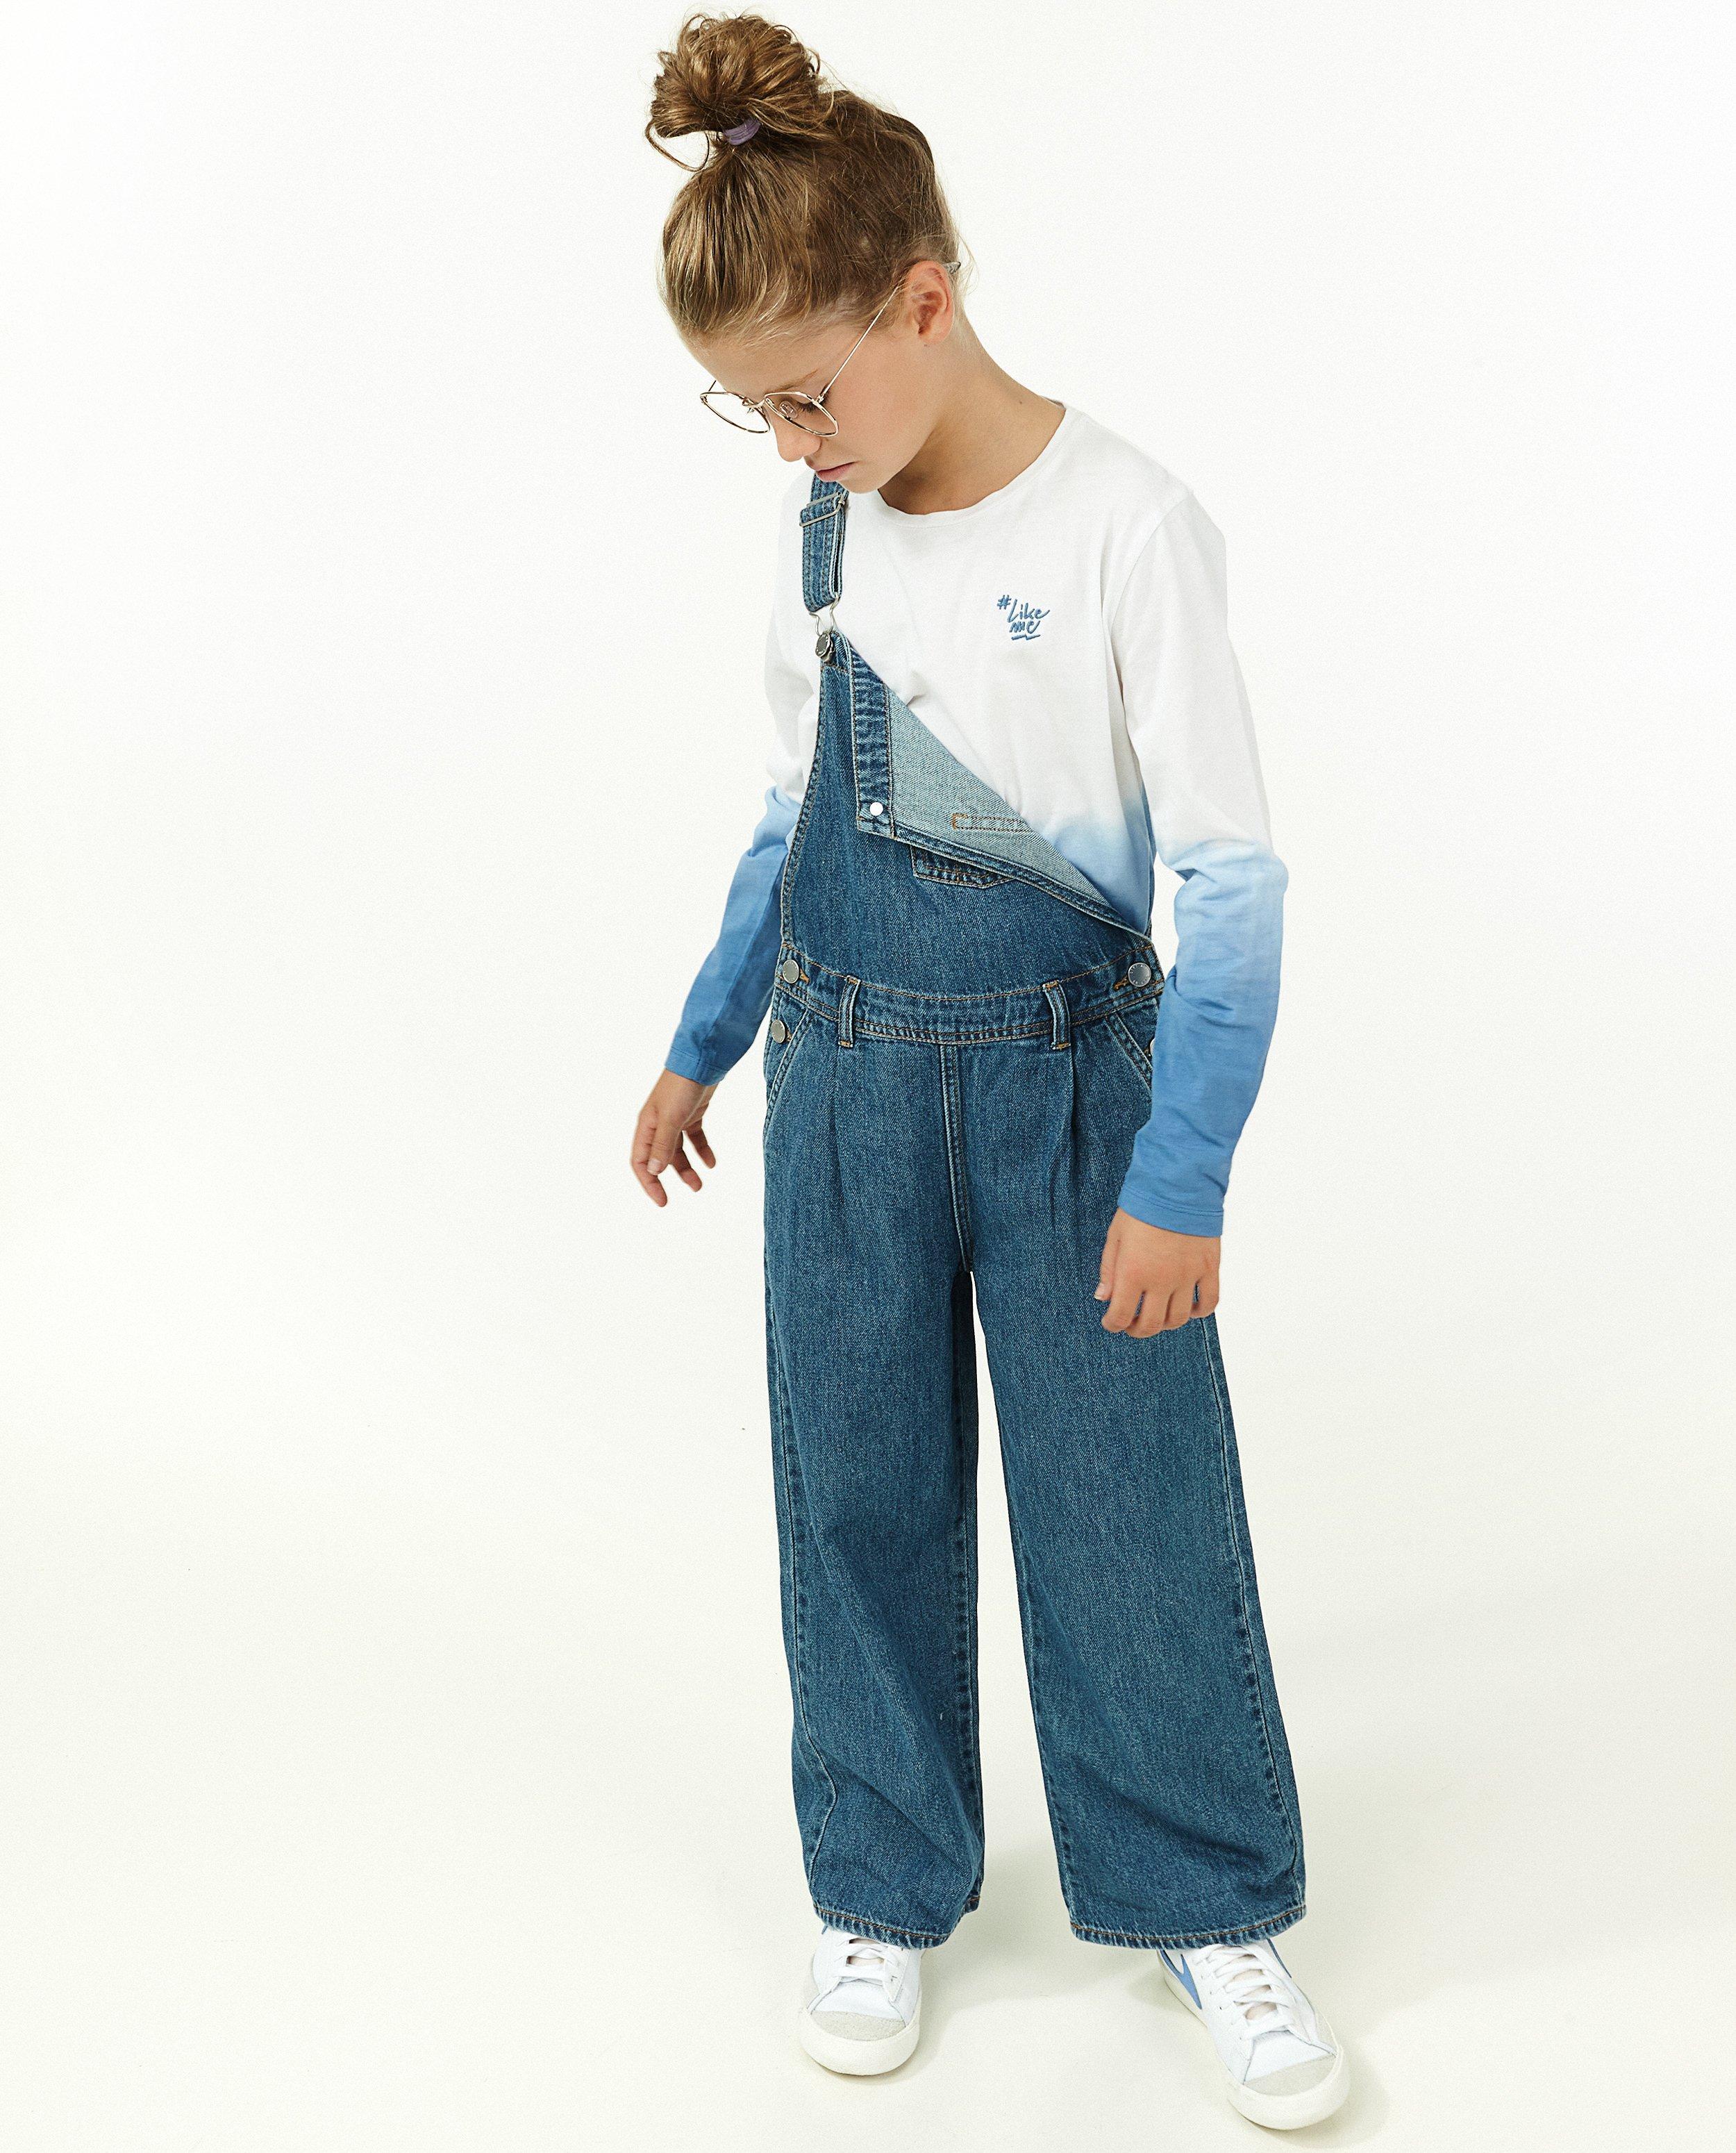 T-shirt à manches longues en coton bio #LikeMe - avec un dégradé - Like Me